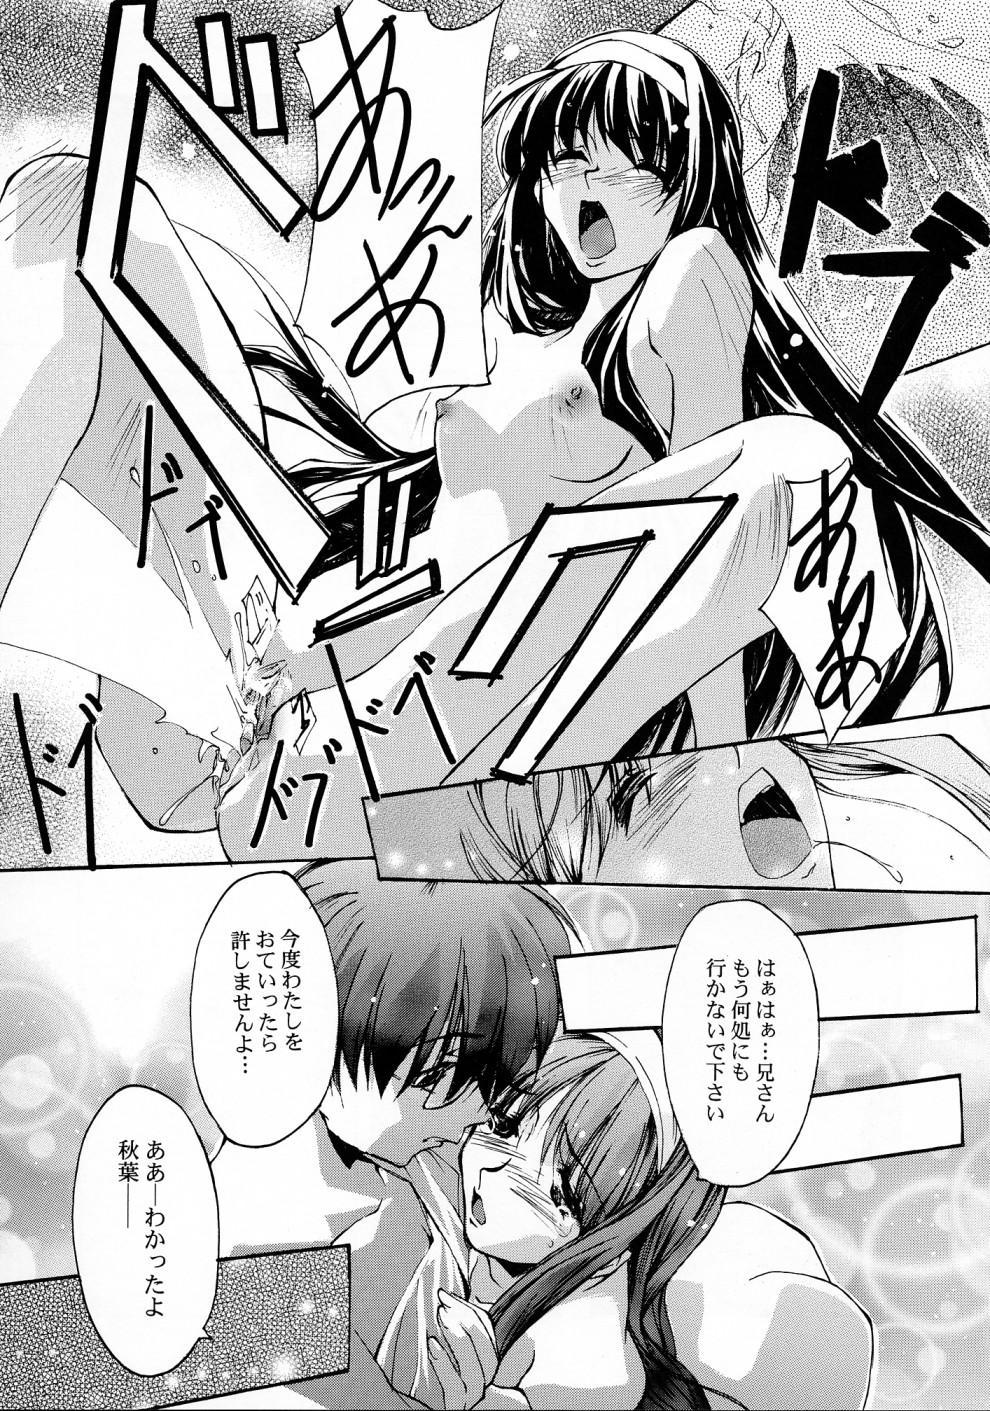 Gekka Shoujo 2 23